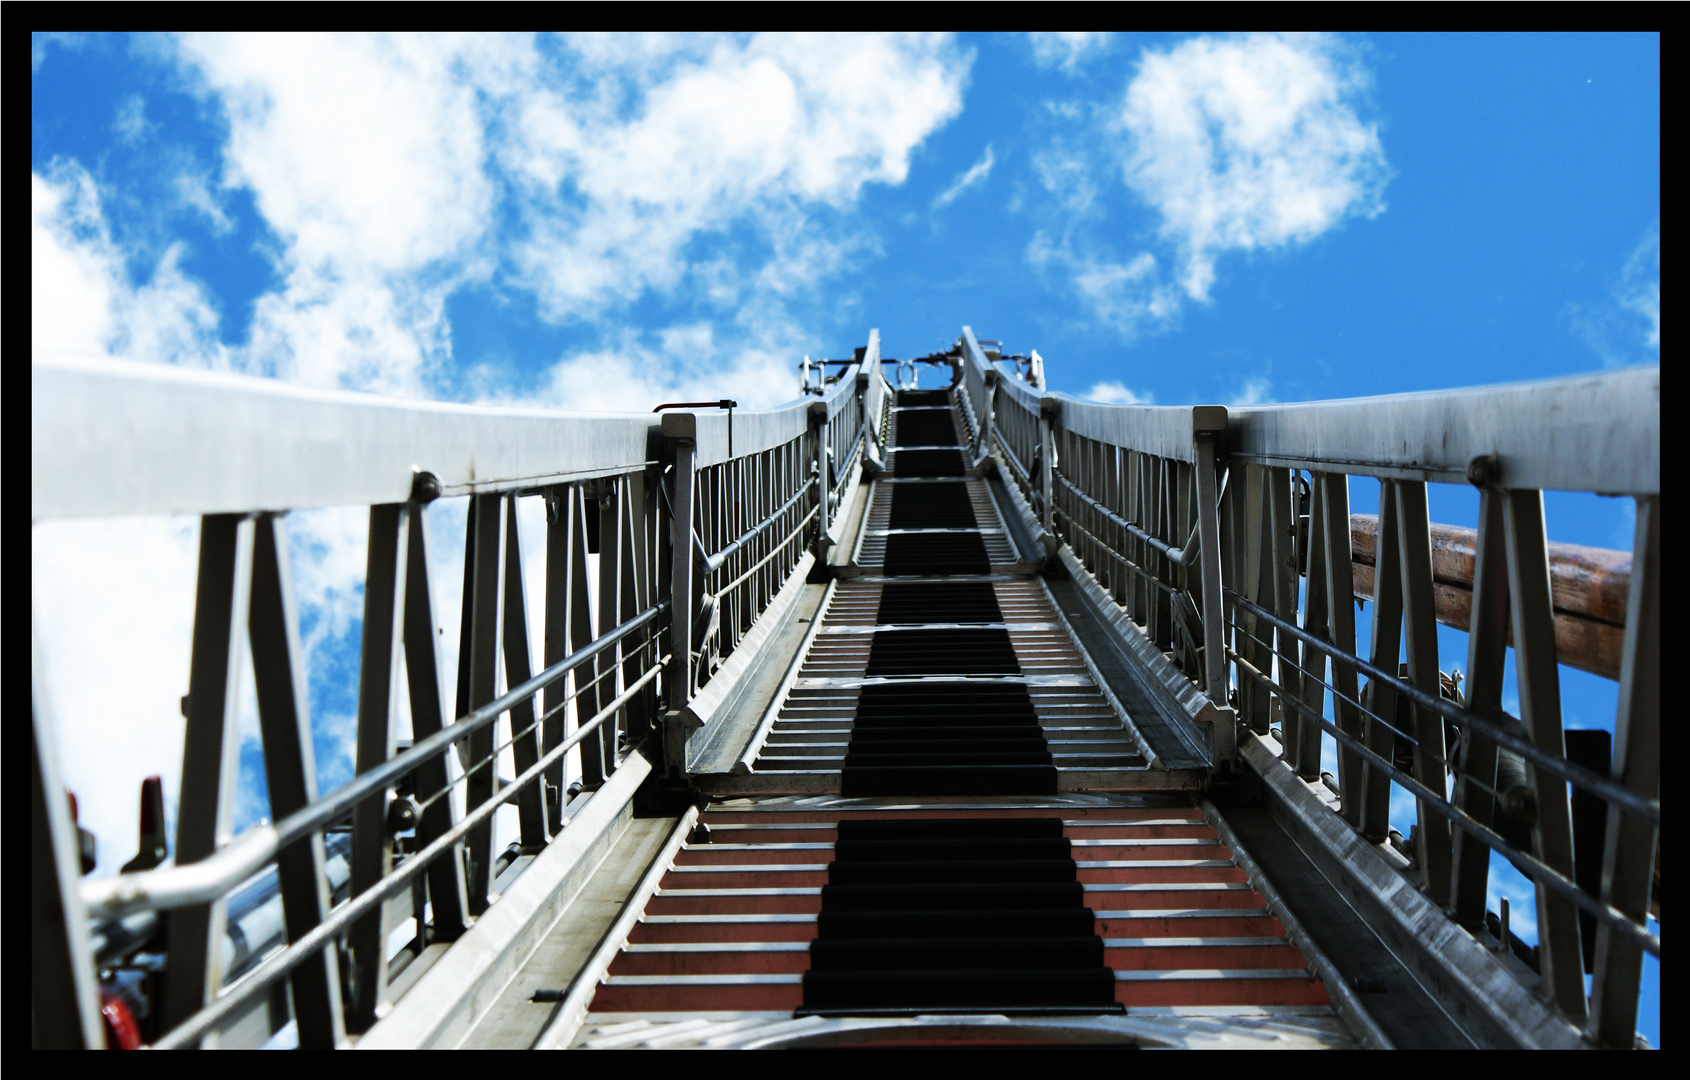 Stairway to ... die 2te